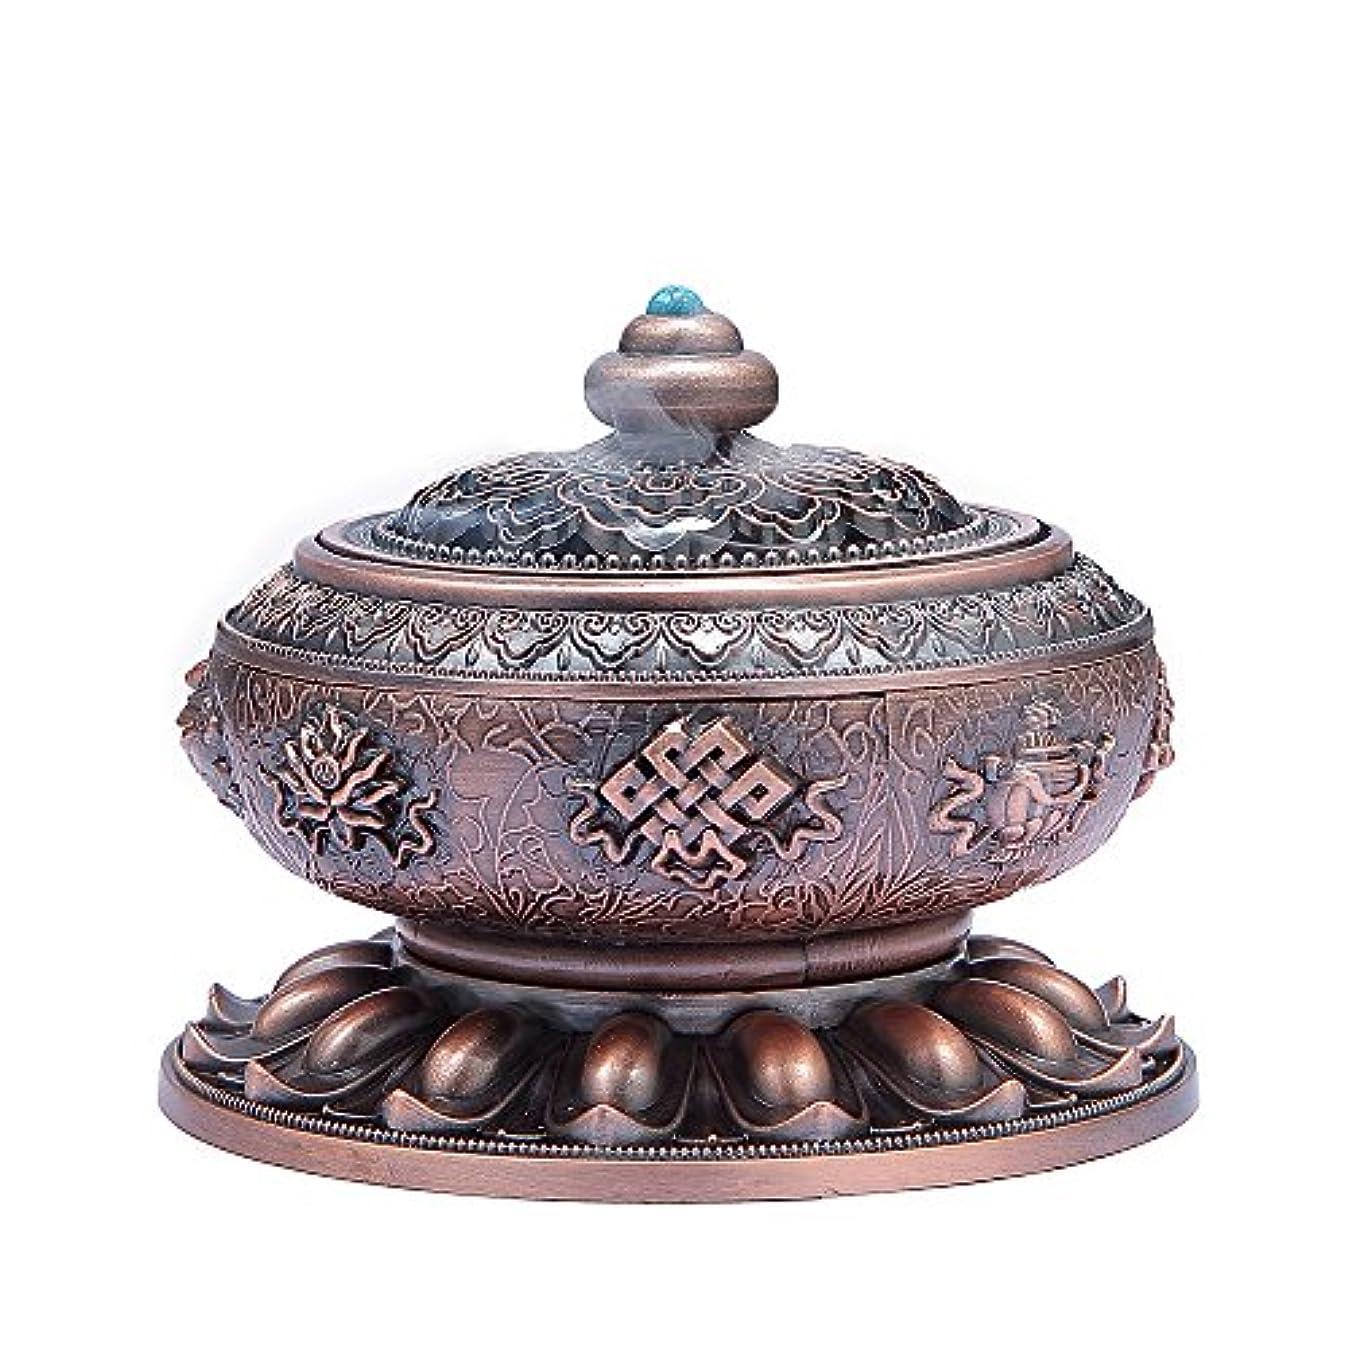 浮浪者劇場関数MEDOOSKY Large Incense Holder Burner Tibet Lotus Copper Alloy( Stick/ Cone/ Coil Incense)